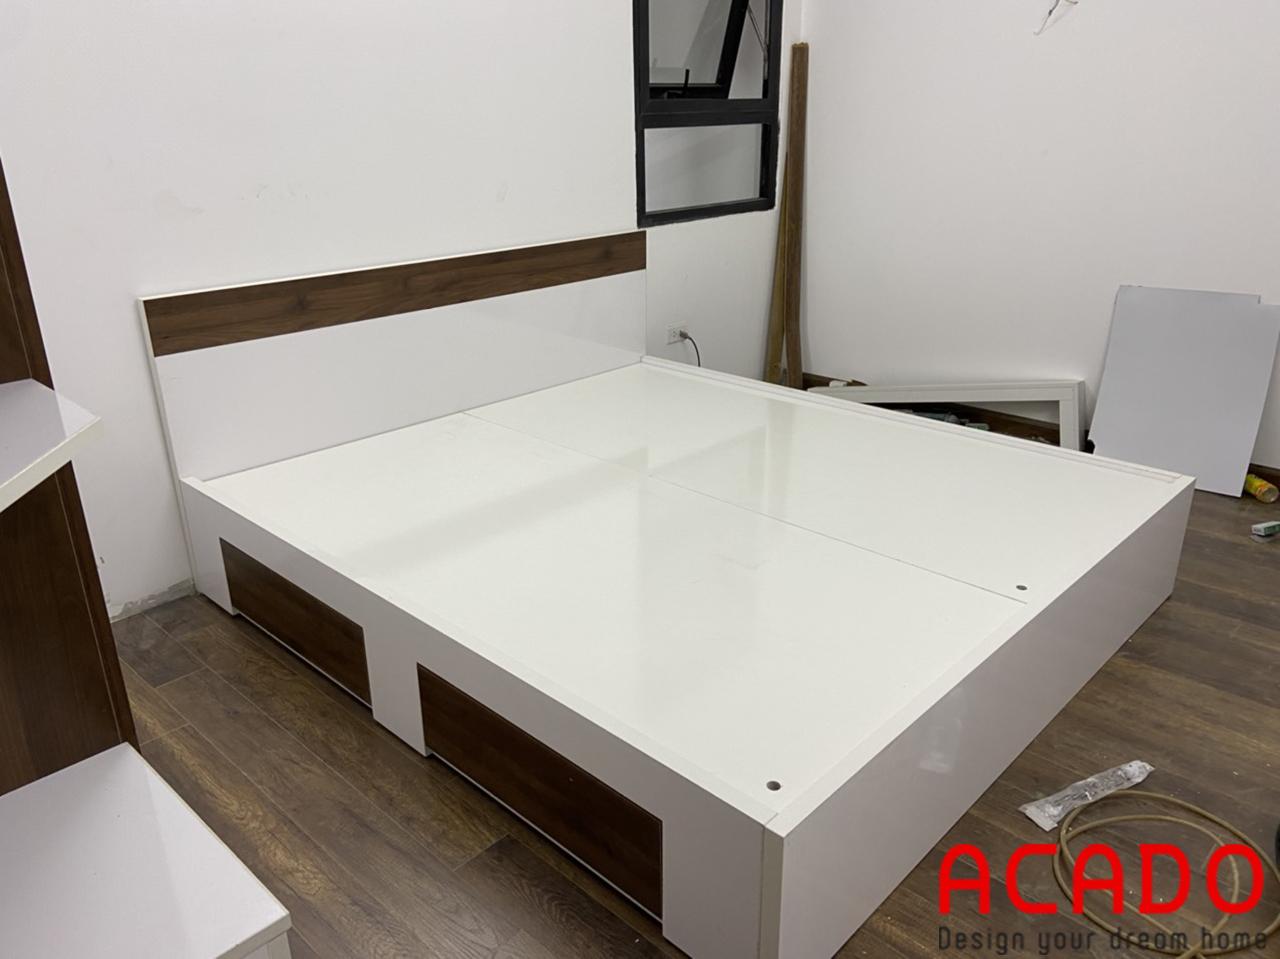 Giường ngủ thiết kế đơn giản , hiện đại với ngăn kéo tiện lợi